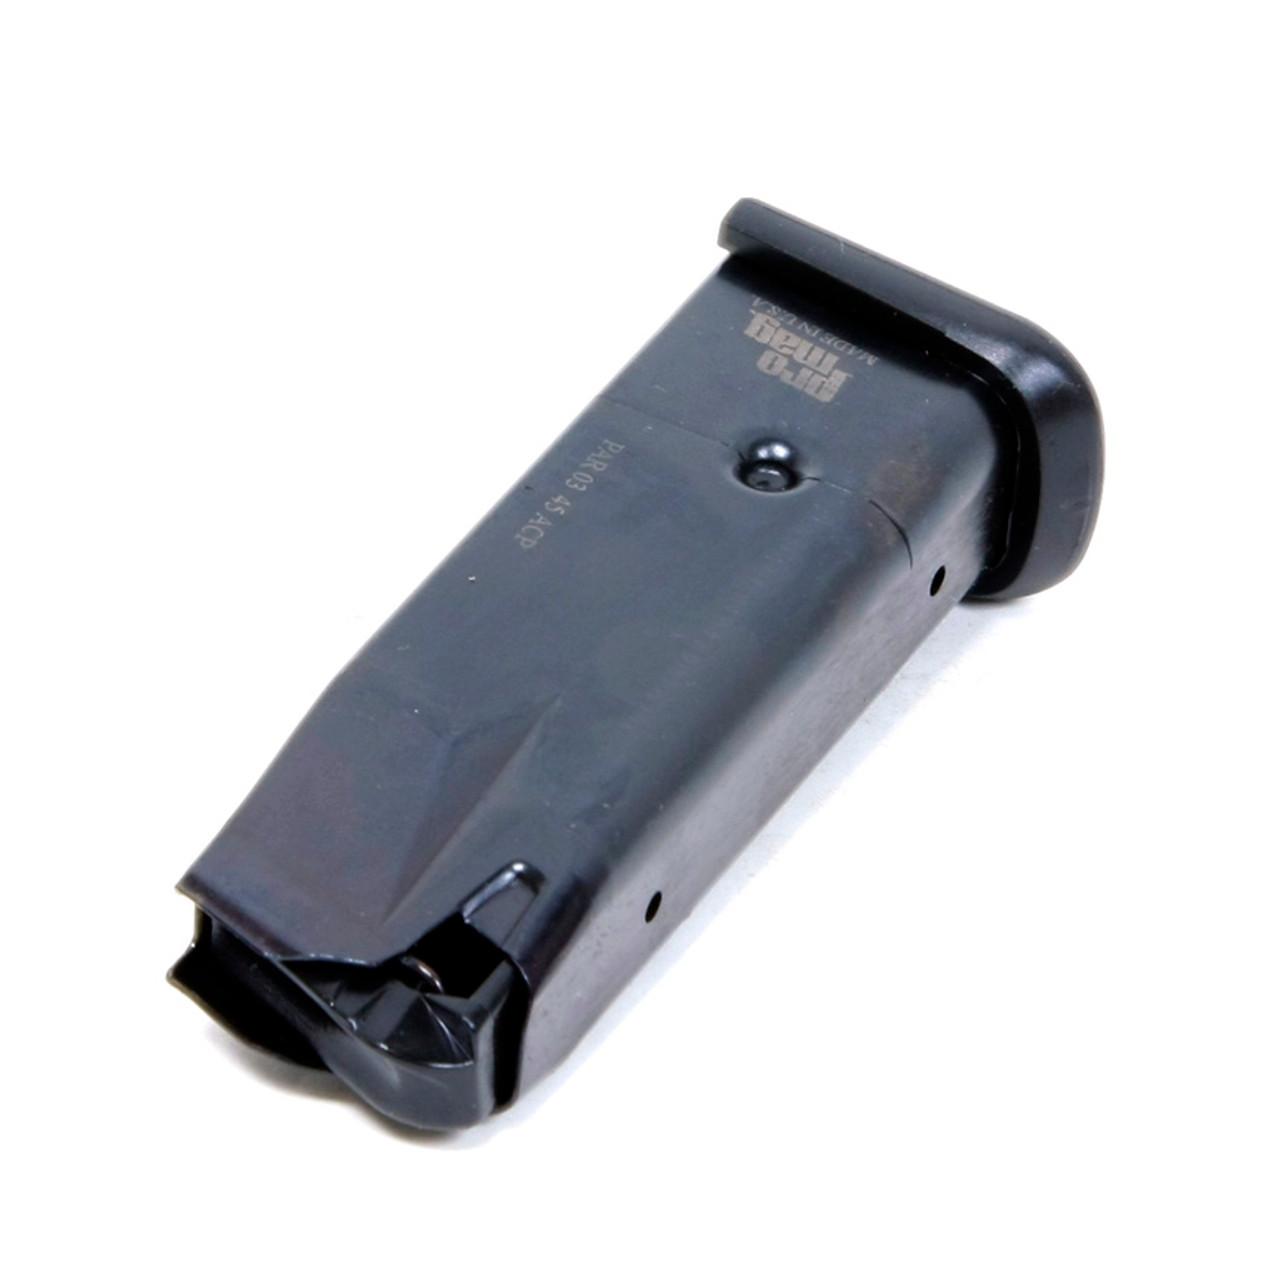 Para-Ordnance® P13 .45 ACP (10) Rd - Blue Steel